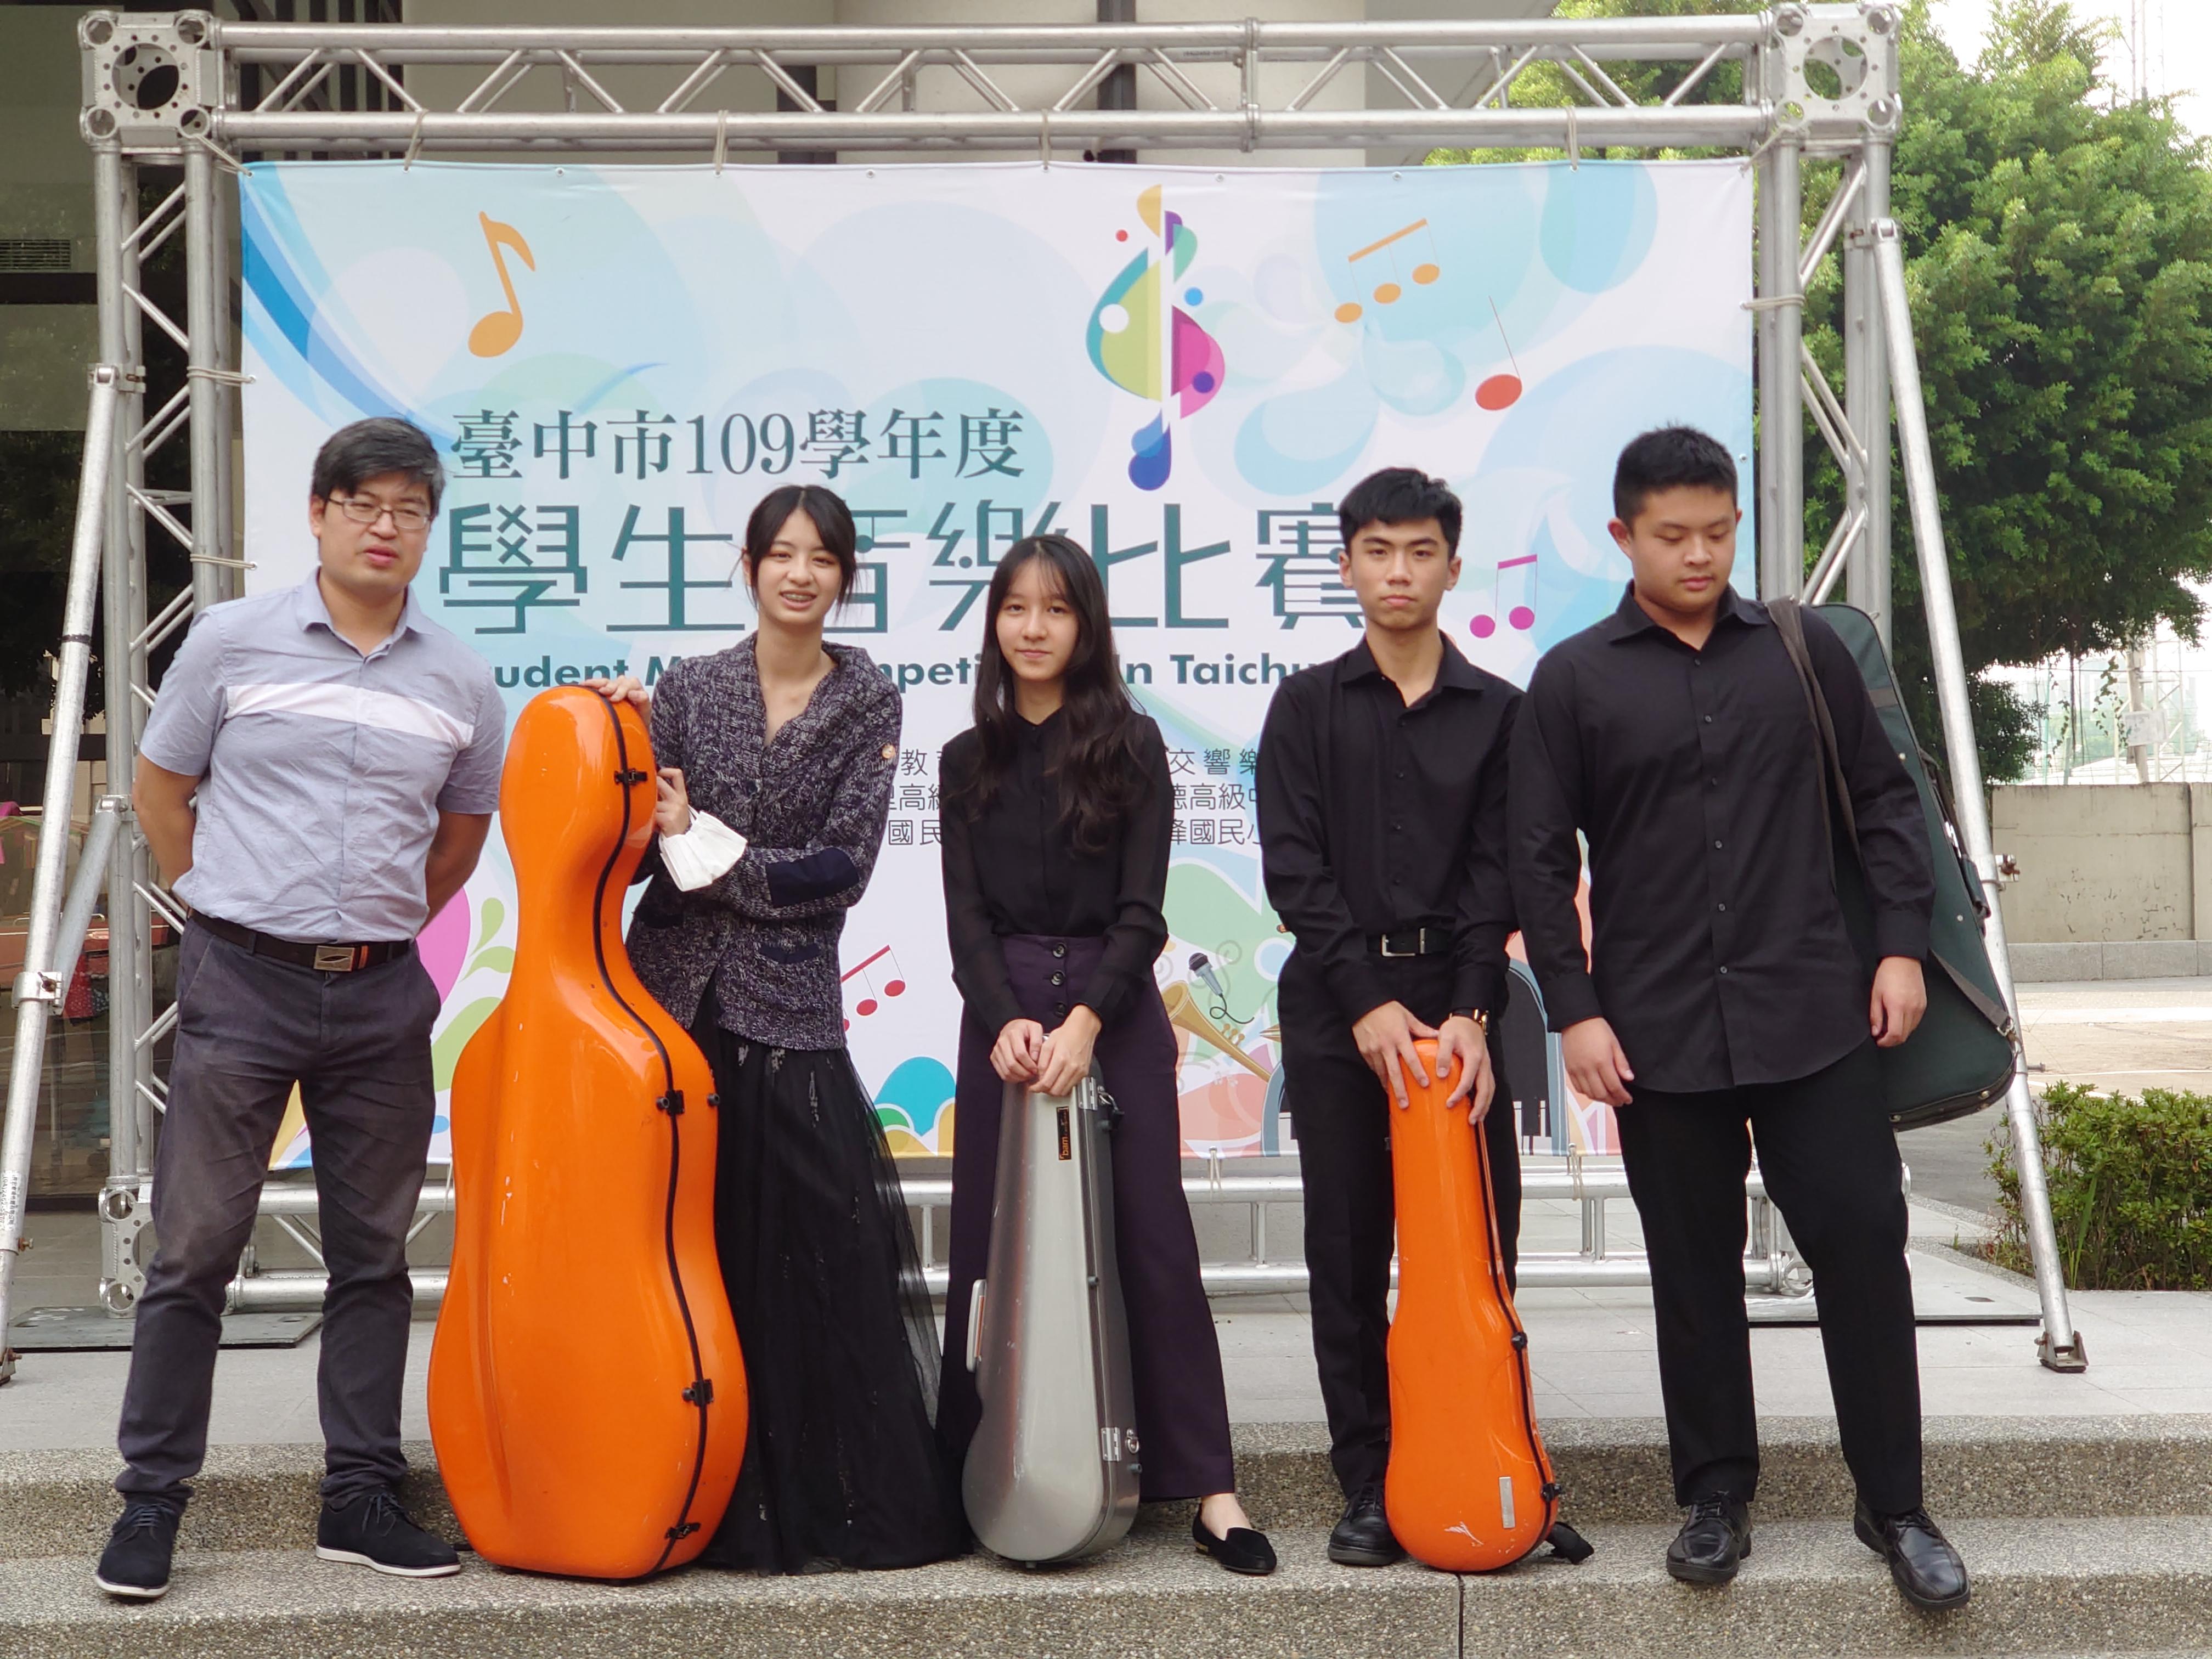 109學年度臺中市學生音樂比賽高中弦樂四重奏